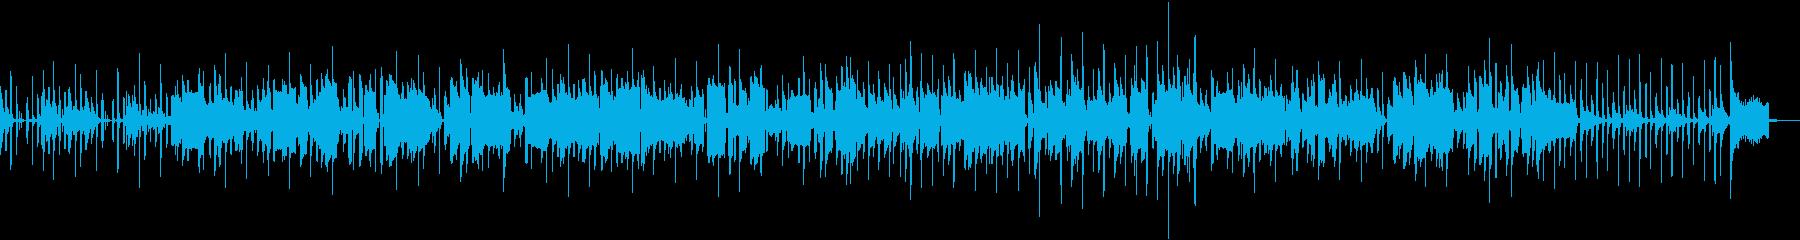 サックスが奏でるレゲエナンバーの再生済みの波形